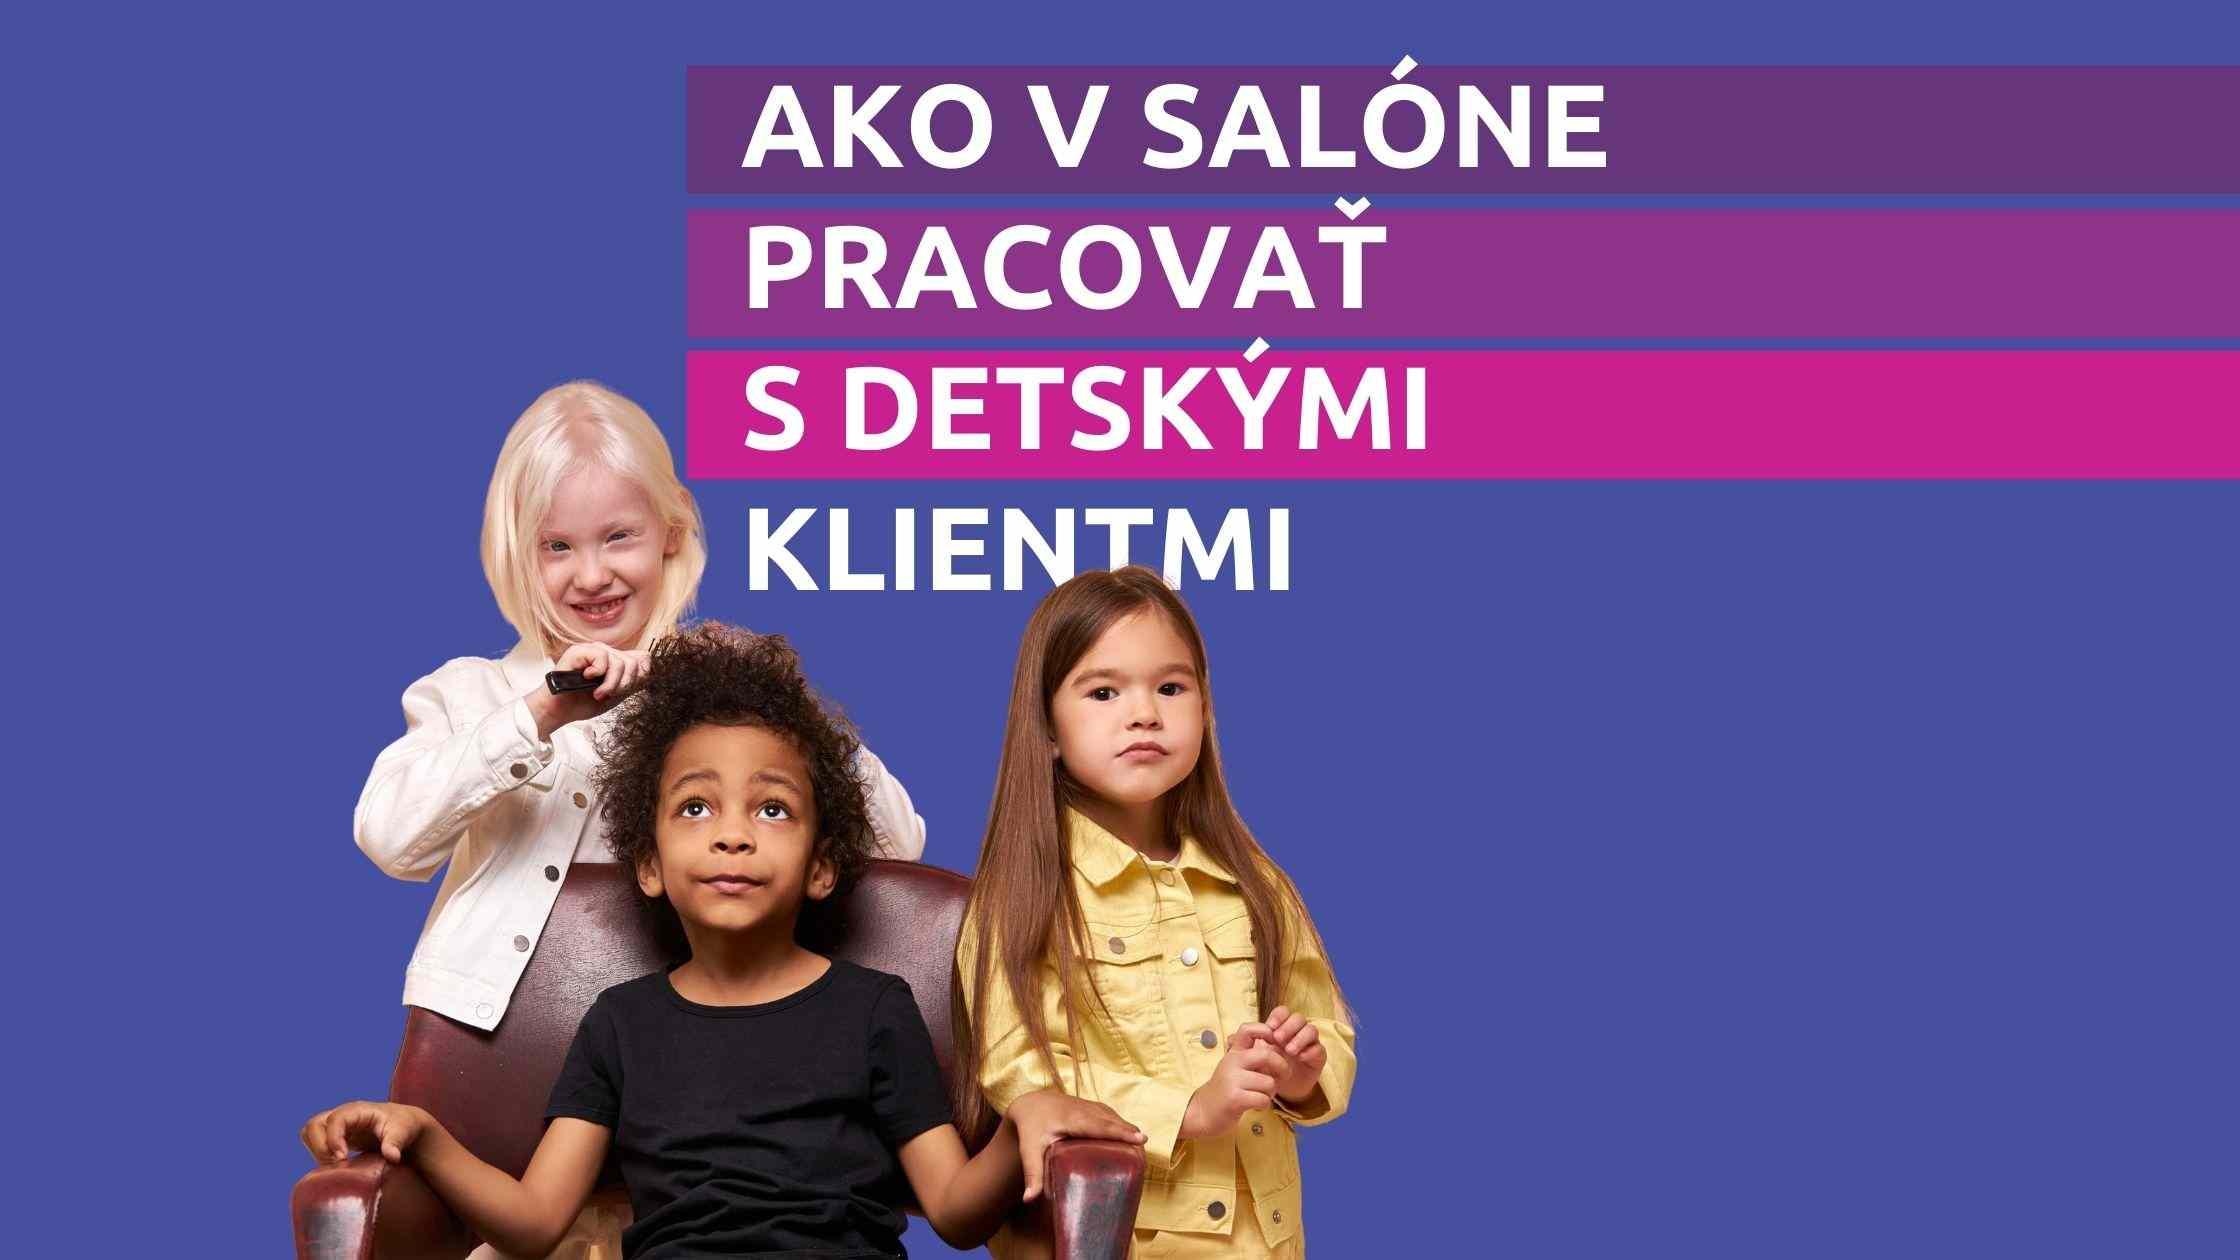 Článok na Marketing pre salóny - Ako v salóne pracovať s detskými klientmi